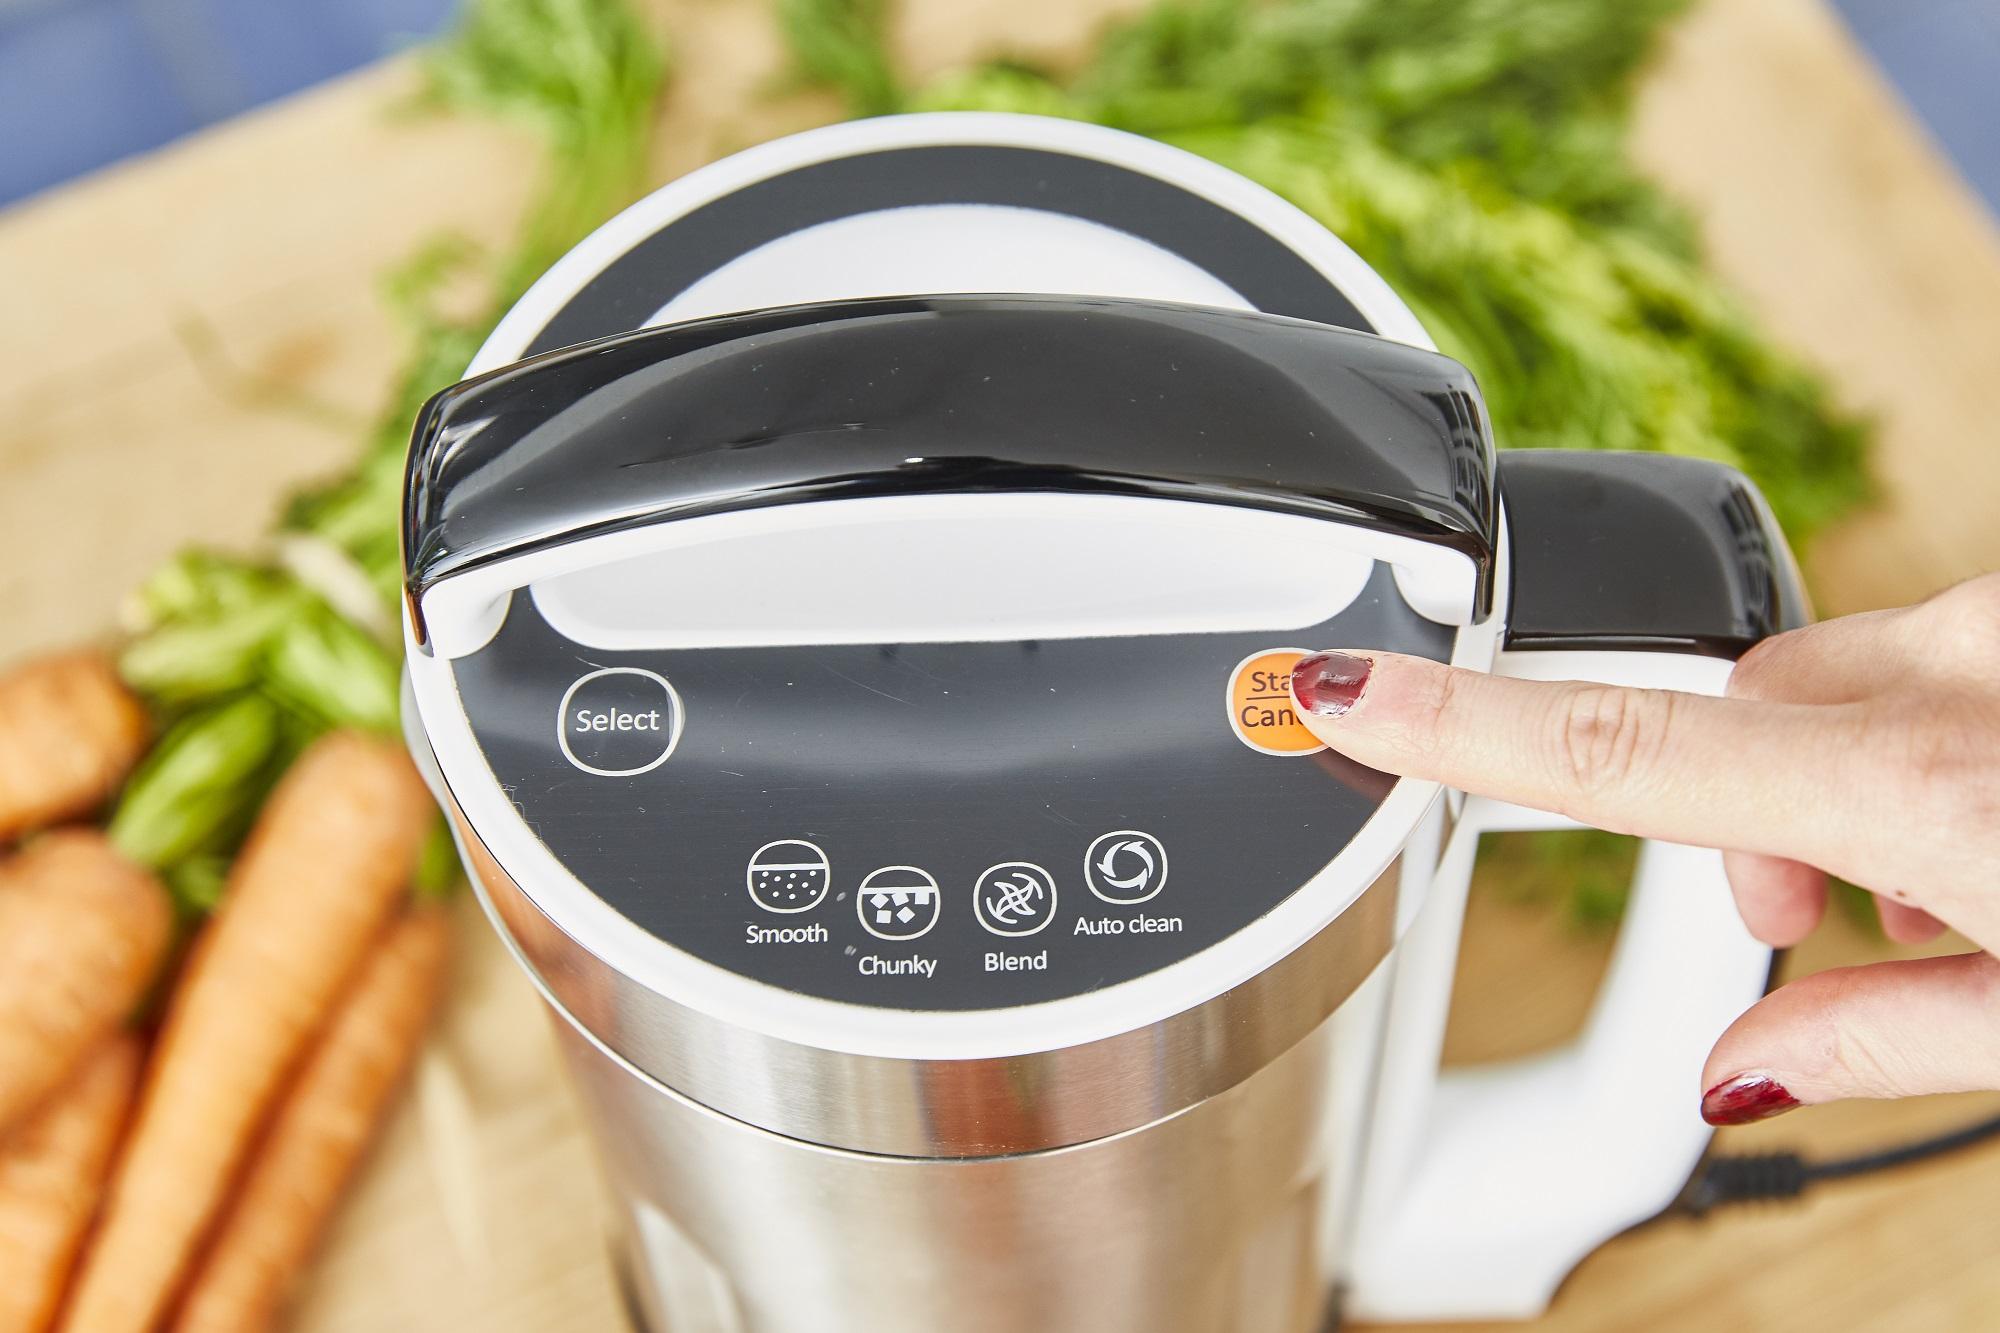 Grâce à ses 4 programmes pré définis, vous allez gagner du temps en cuisine ! Il mixe et il chauffe, parfait pour réaliser des soupes veloutées ou moulinées, des compotes, coulis ou encore des smoothies.